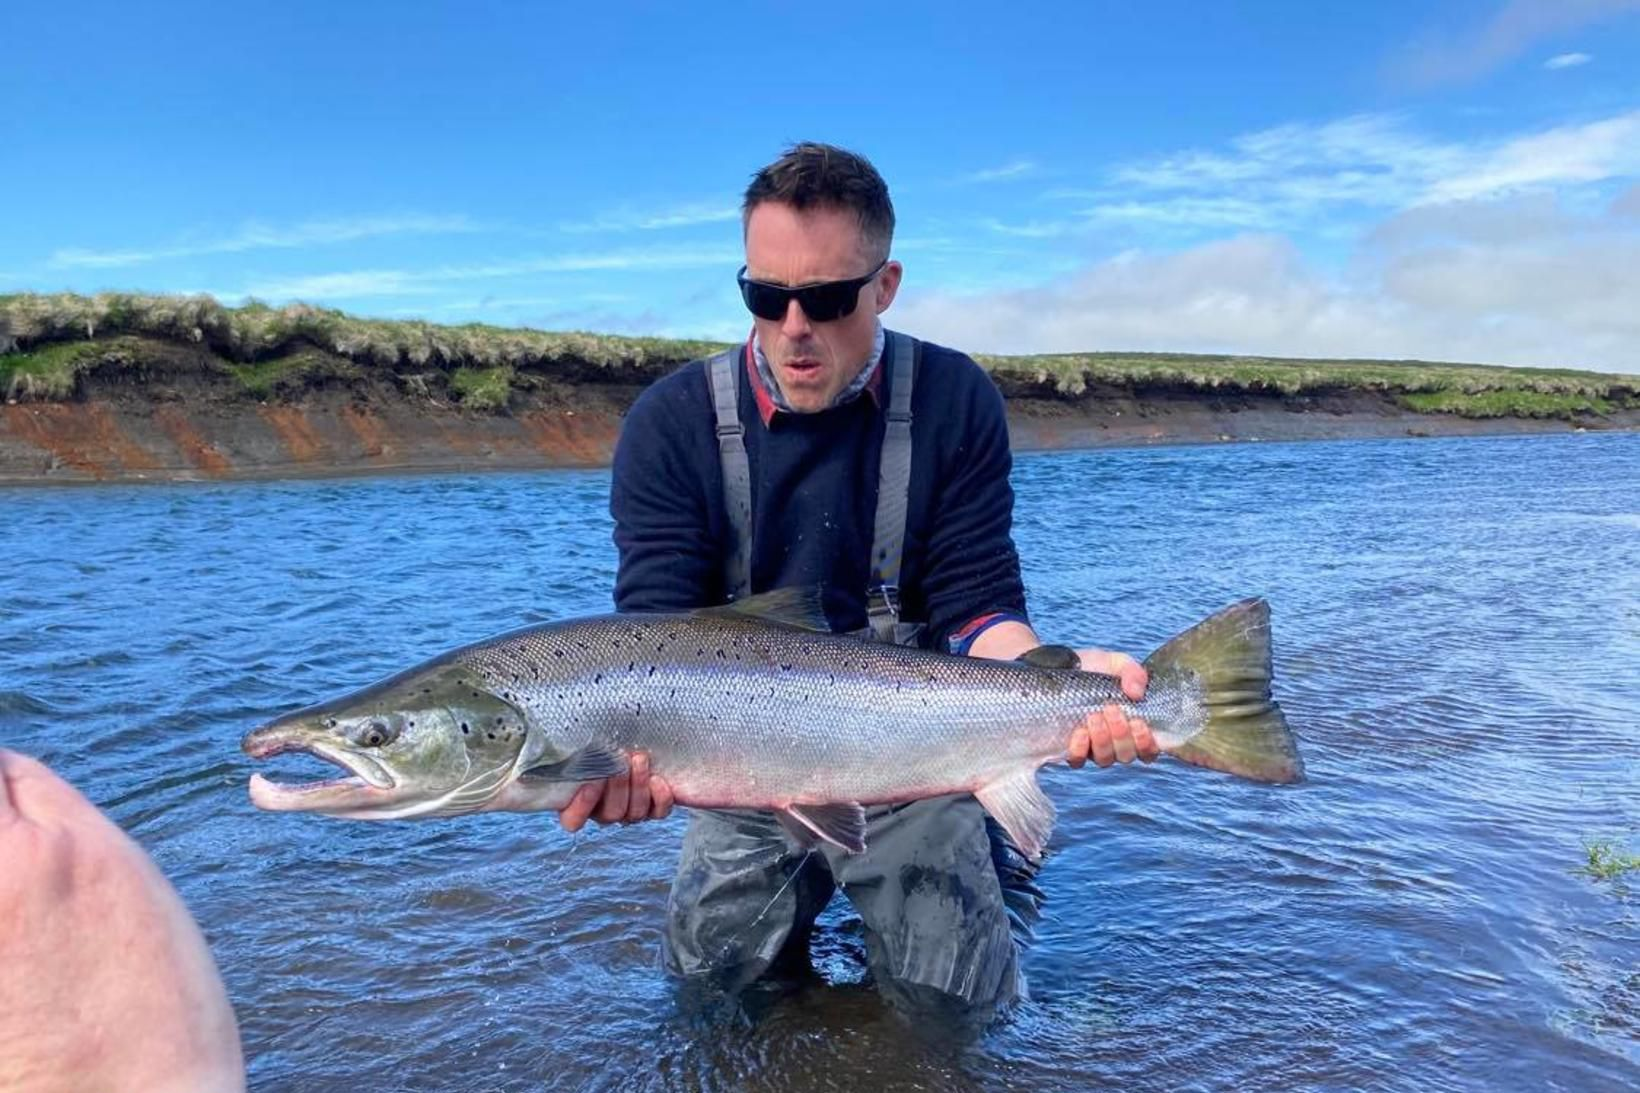 James Murray með fyrsta fiskinn yfir hundrað sentímetra sumarið 2020 …